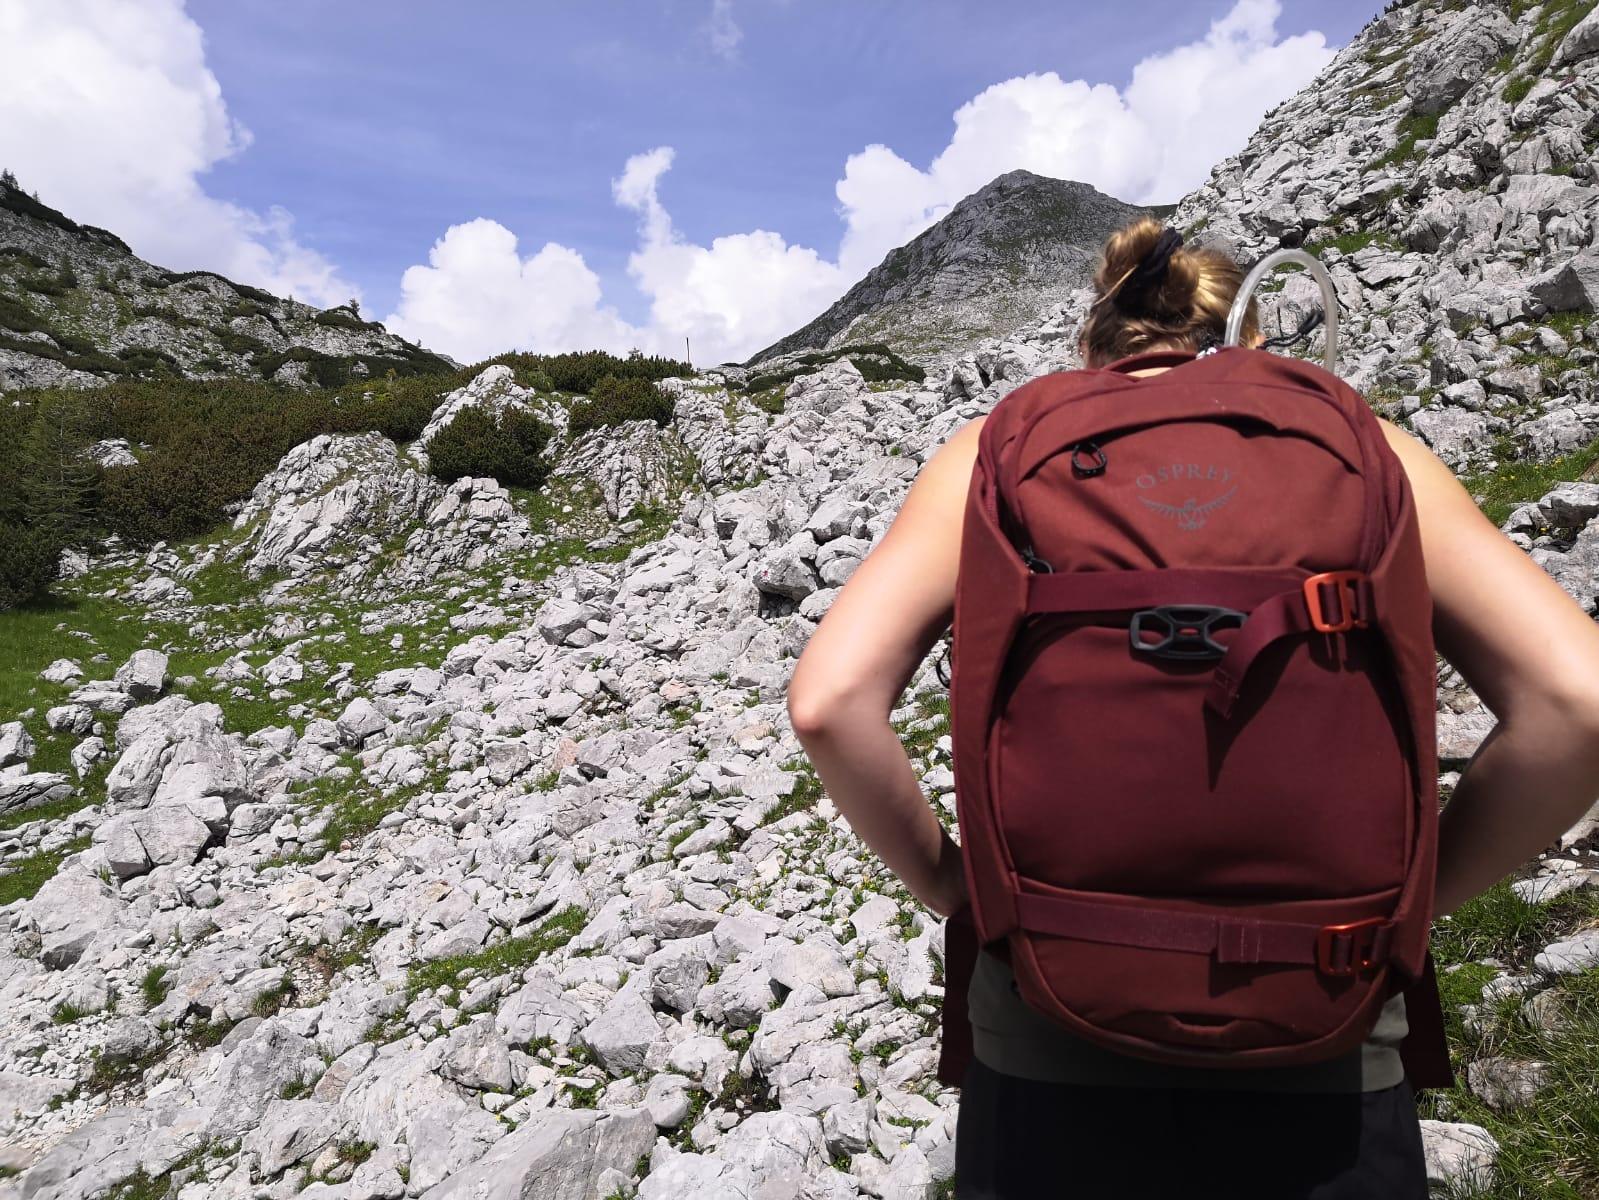 Mit dem Metron von Osprey durch die Berchtesgadener Alpen